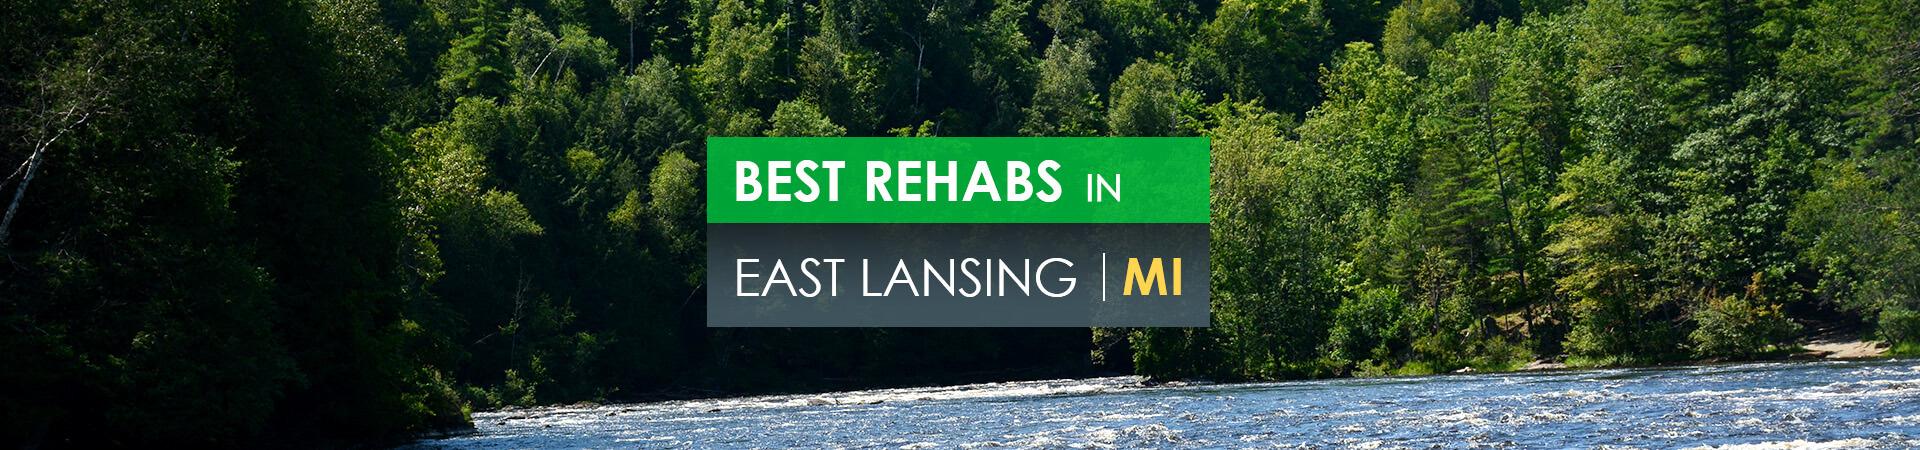 Best rehabs in East Lansing, MI